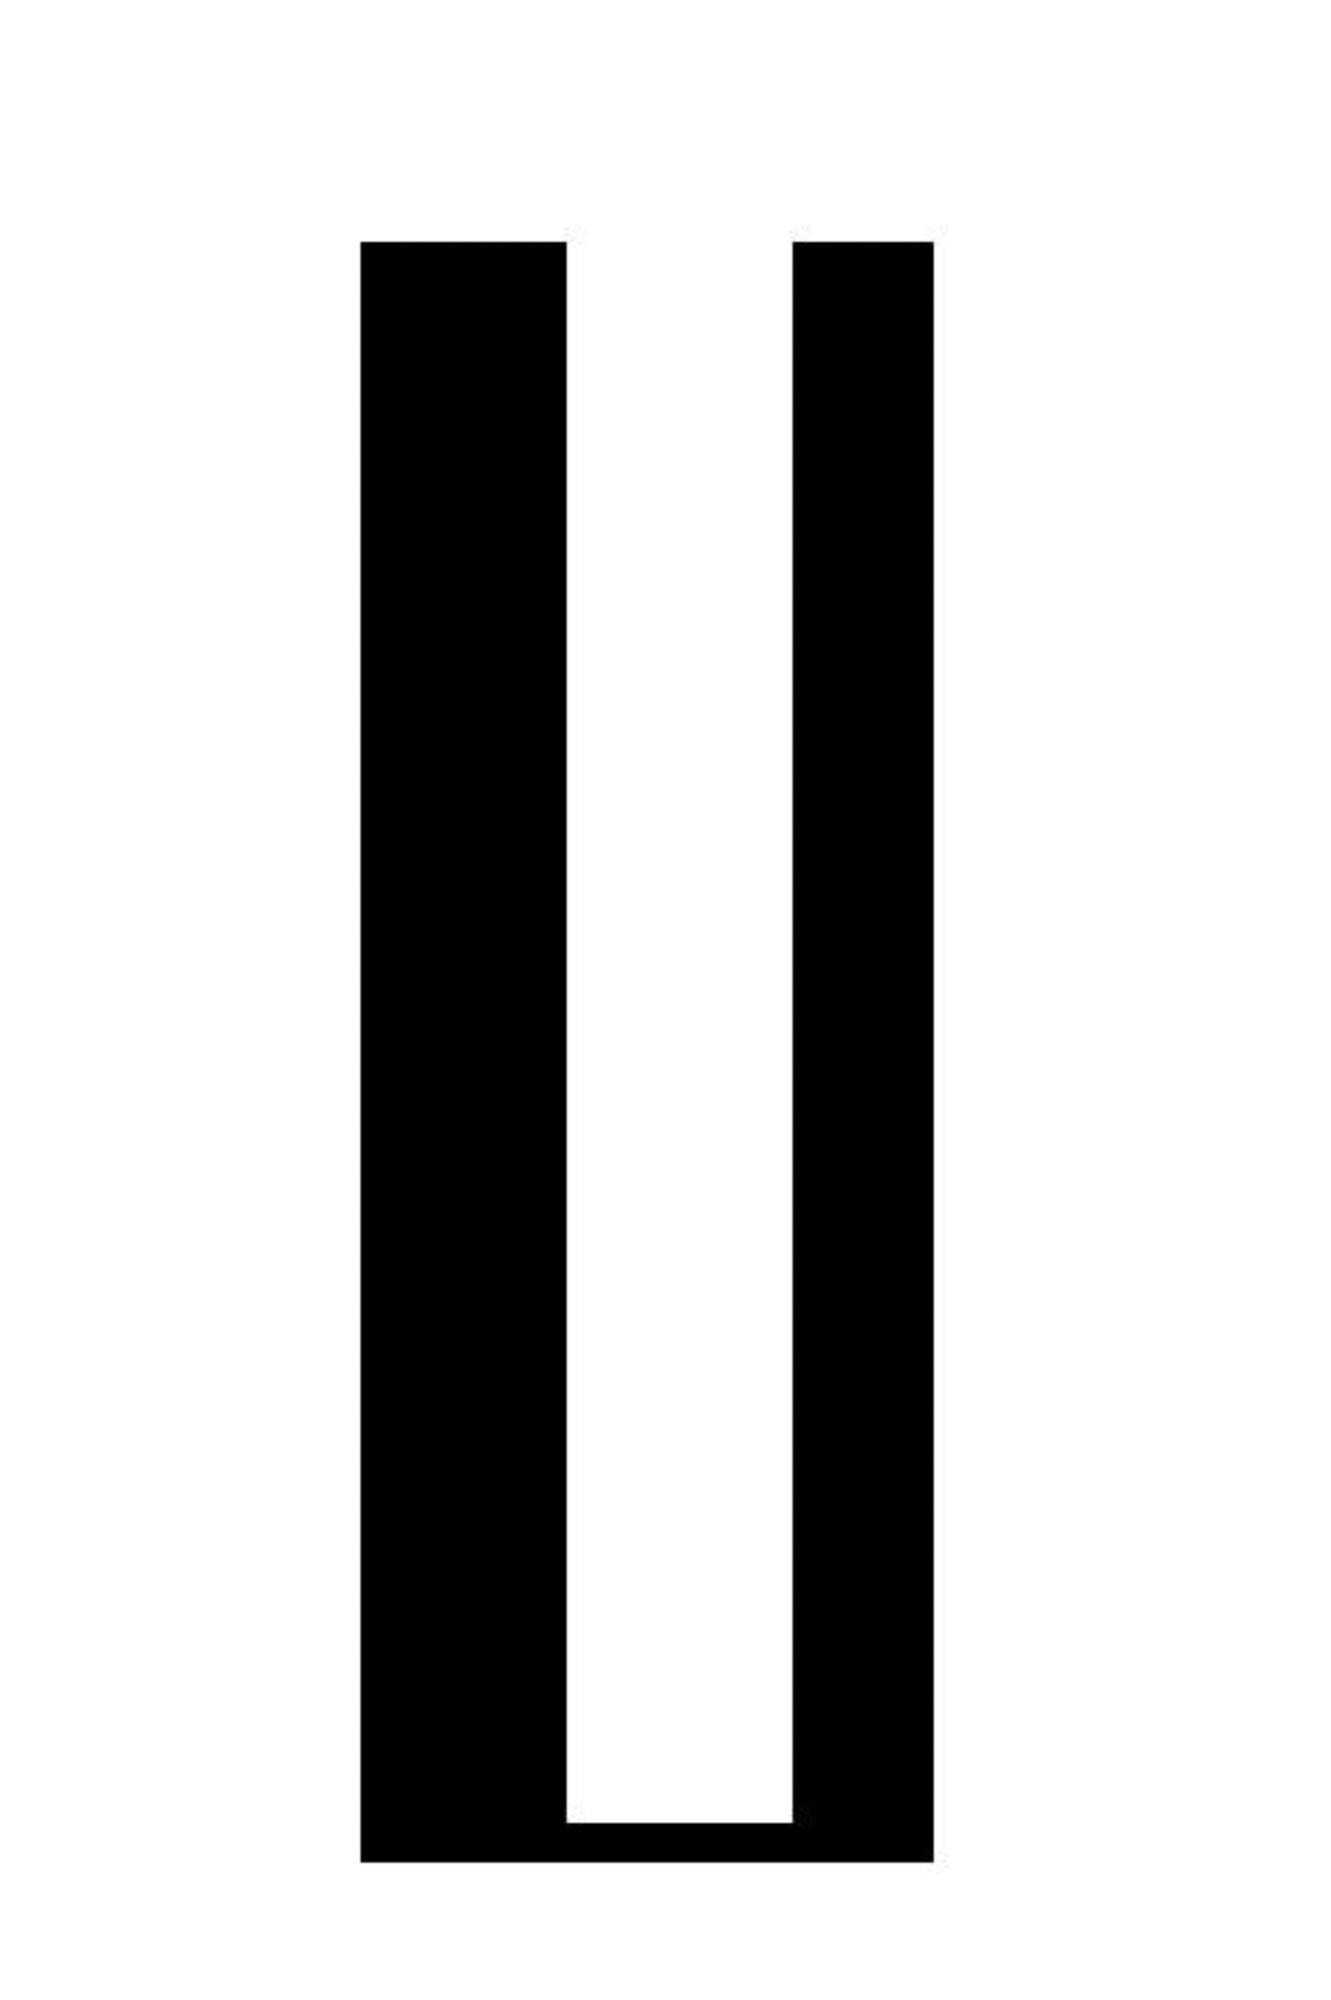 jp_probe_type1.tif